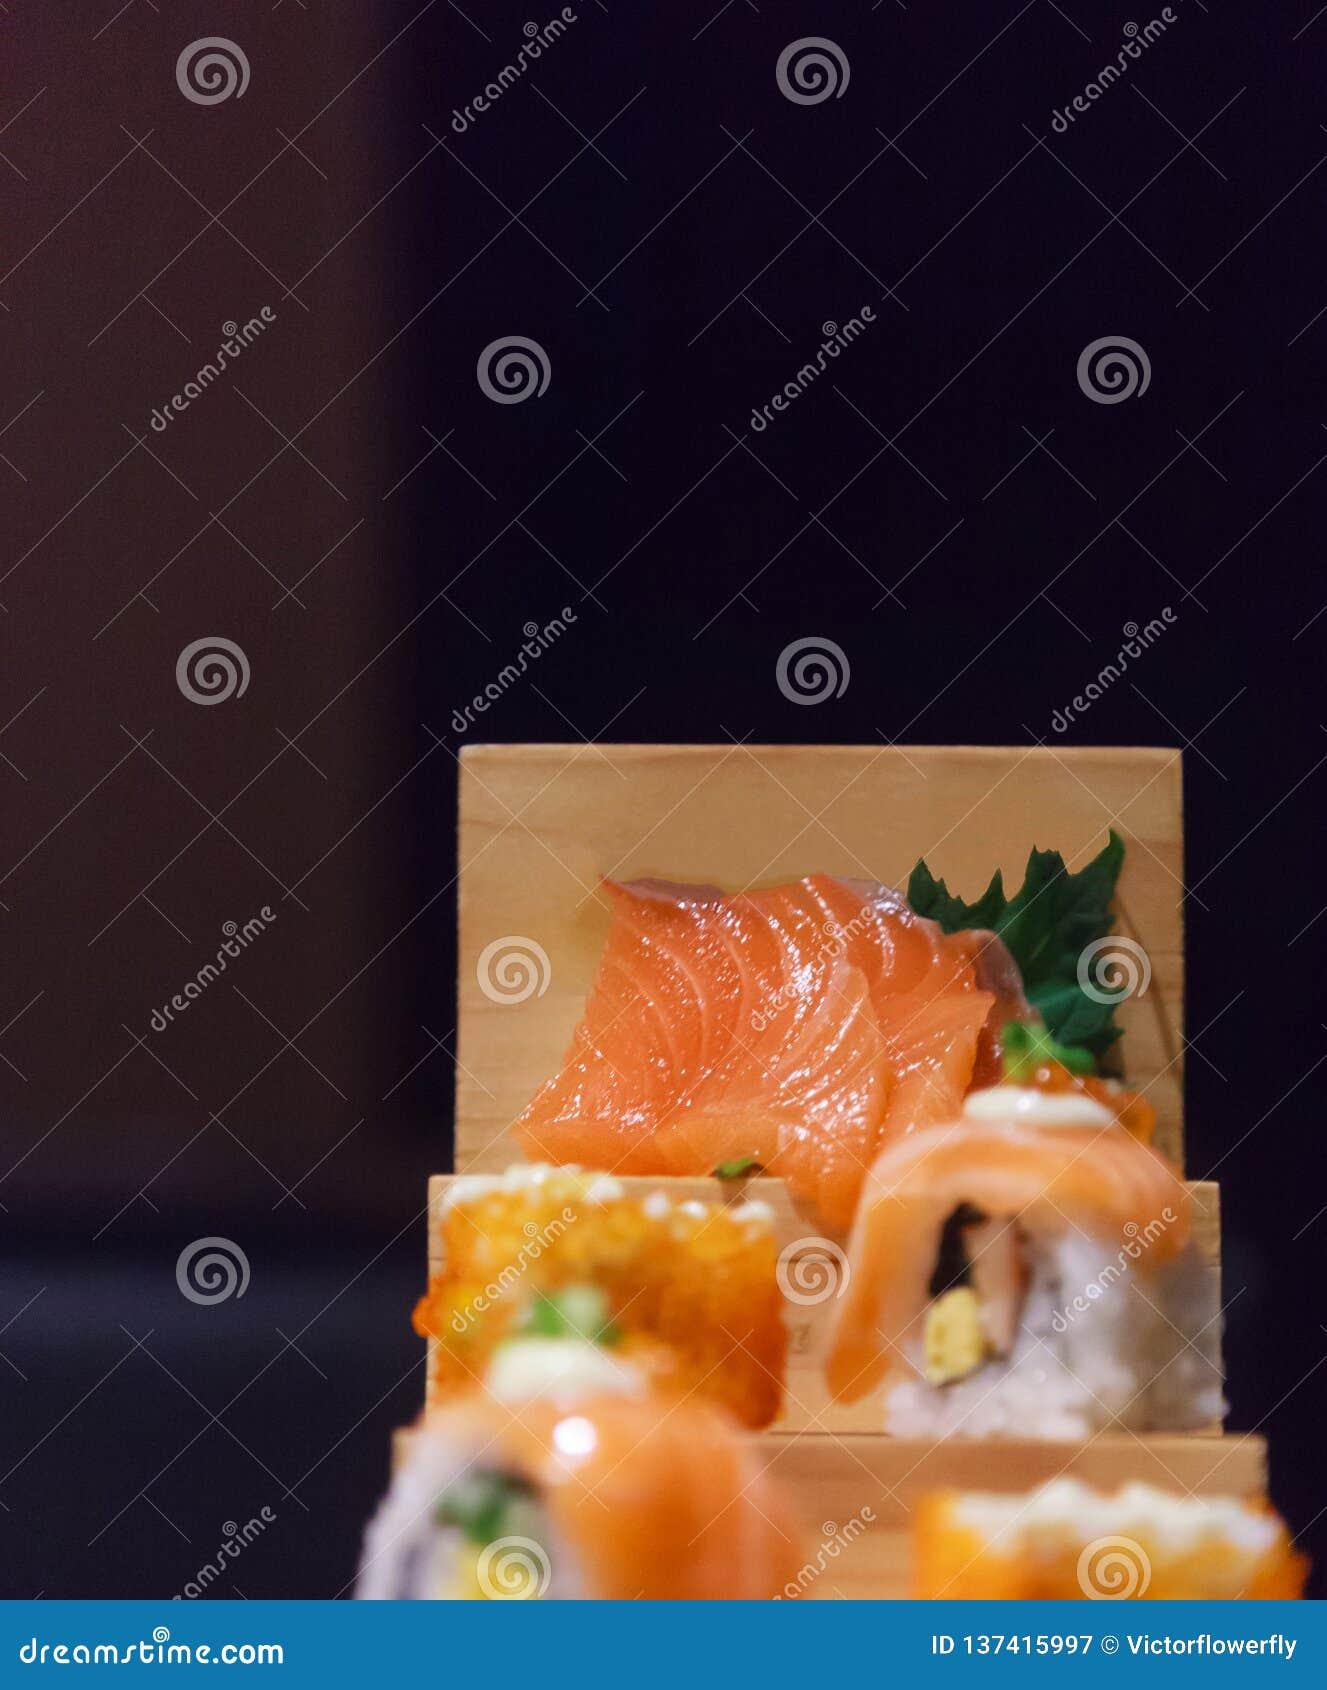 Japanische frische Fischfutter-Teller-Menü-, Salmon Sushi- und Sashimi-Zusammenstellung, die auf hölzernen Schritten auf traditio